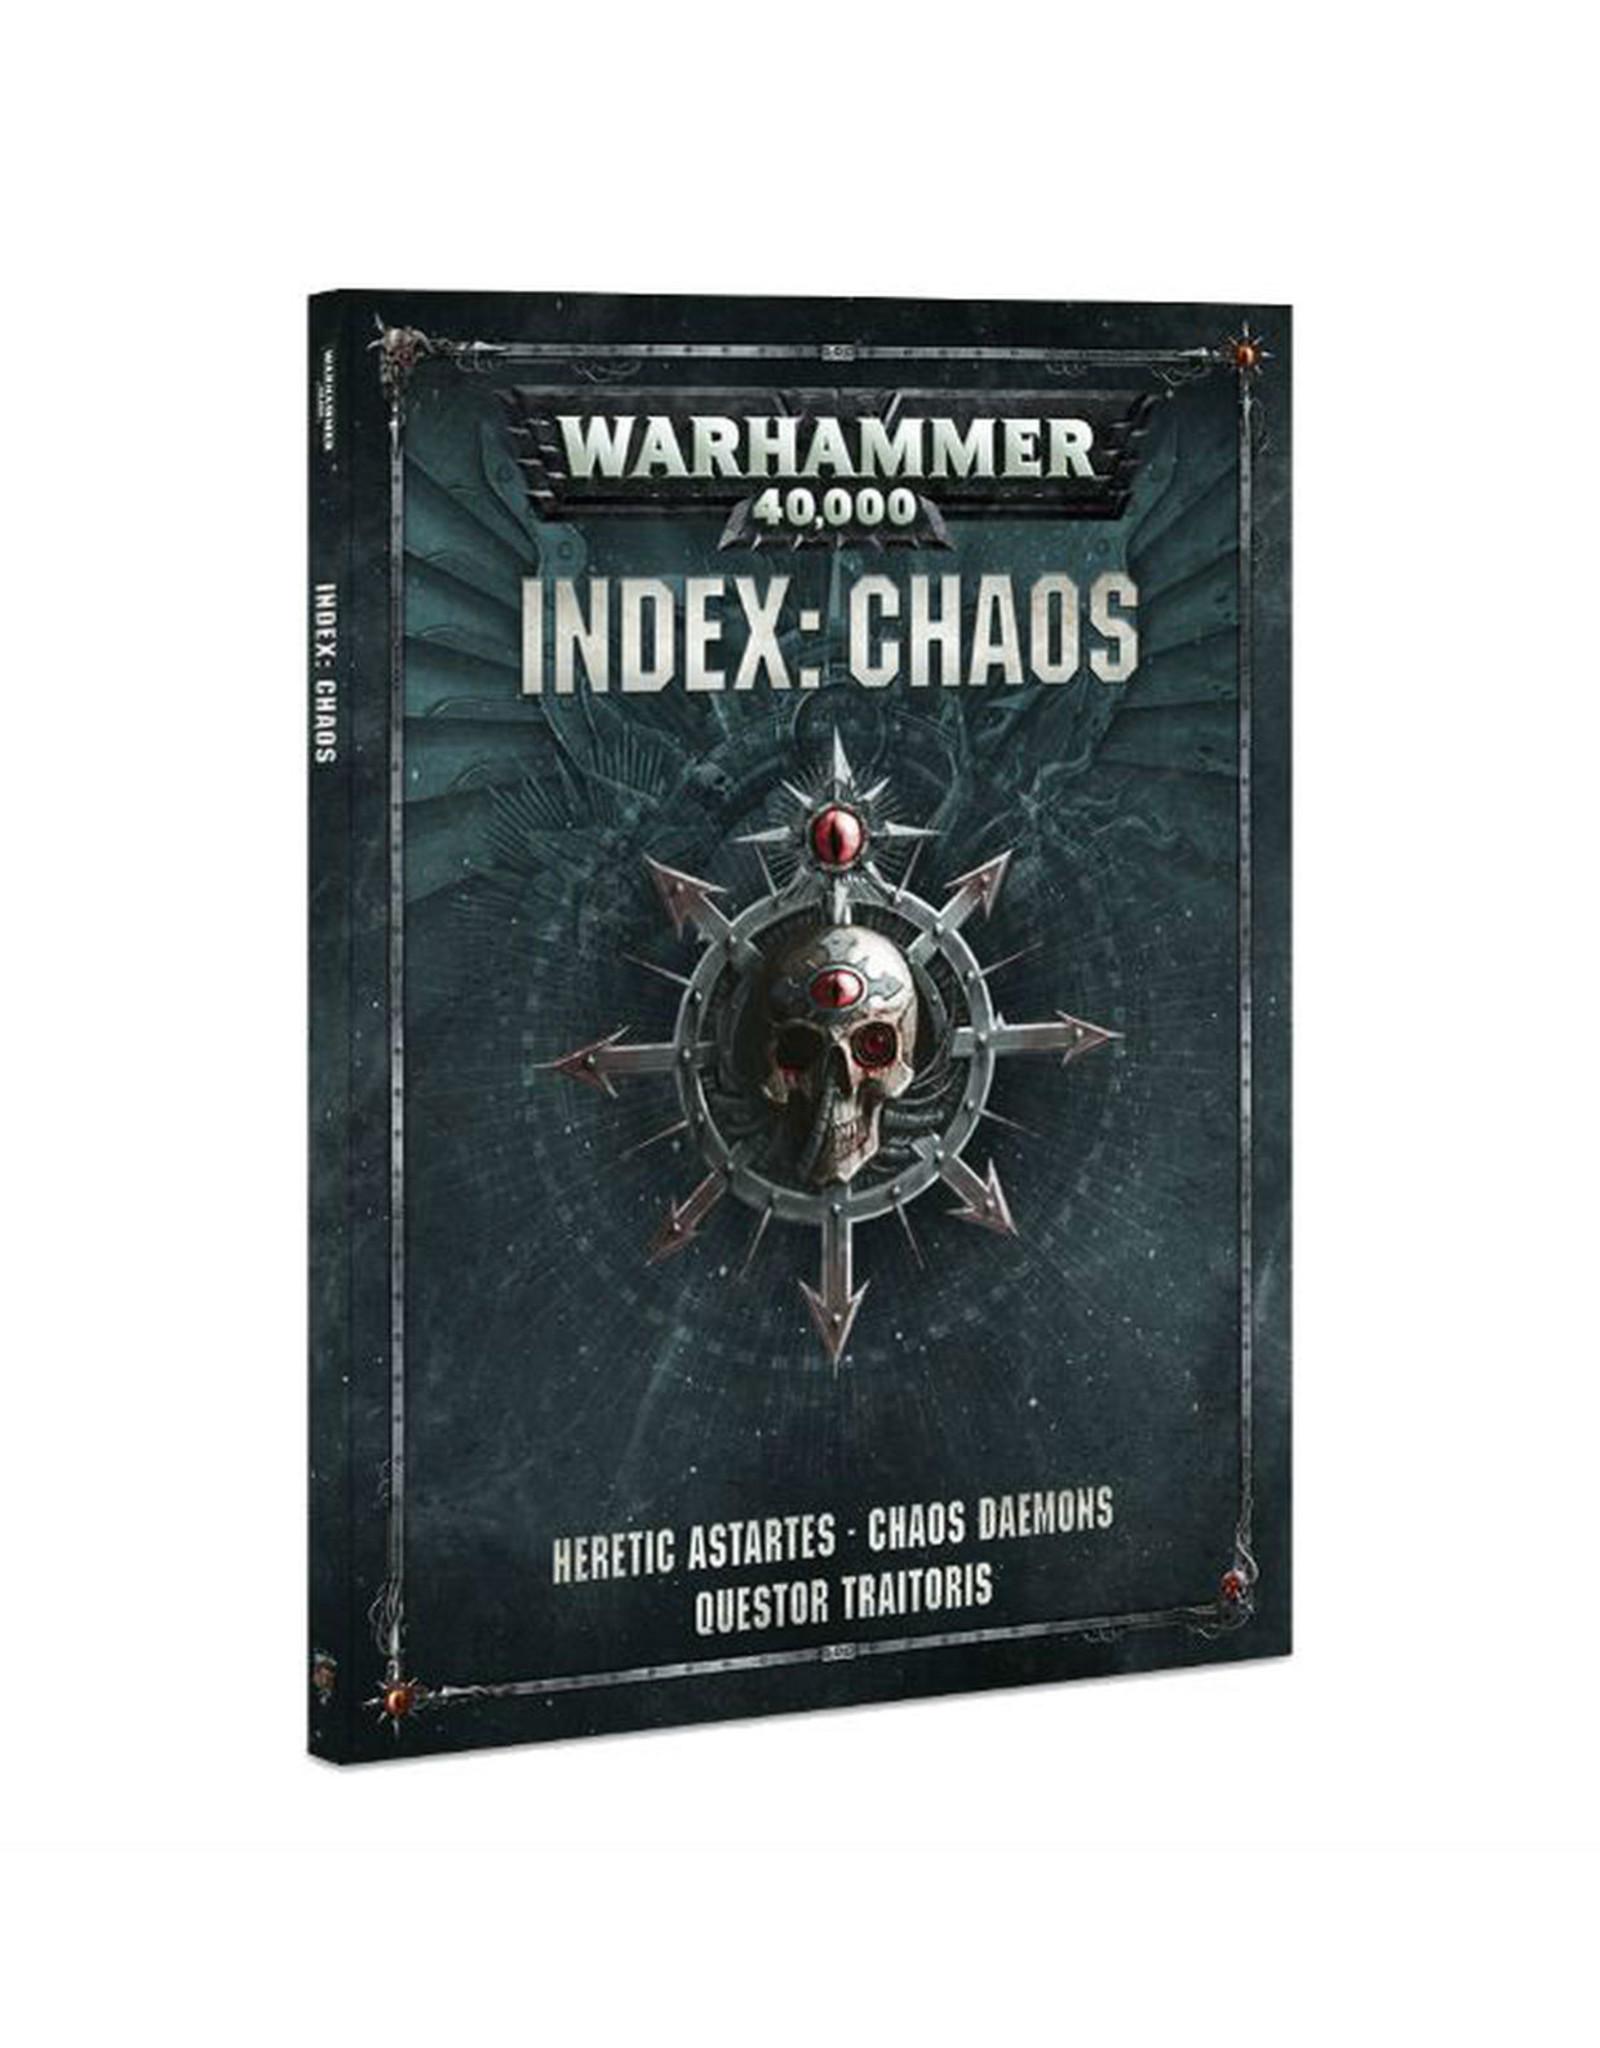 Warhammer 40K: Index - Chaos